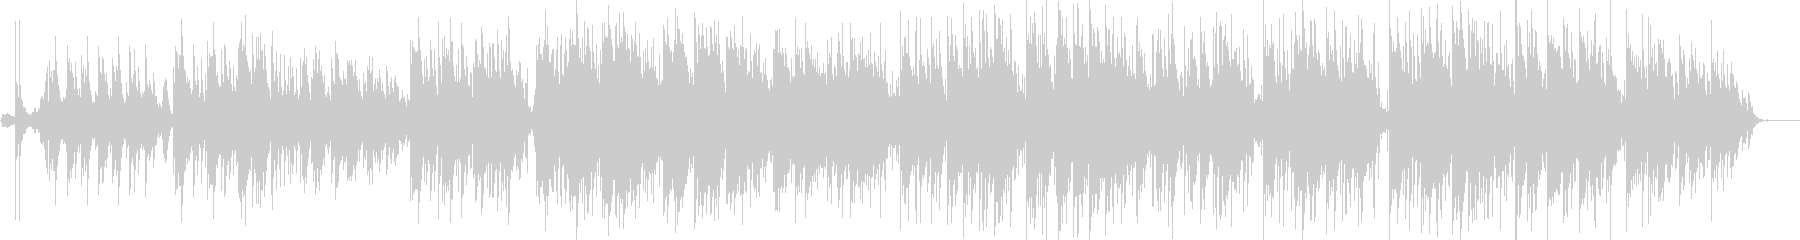 エレクトロニック センチメンタル ...の未再生の波形